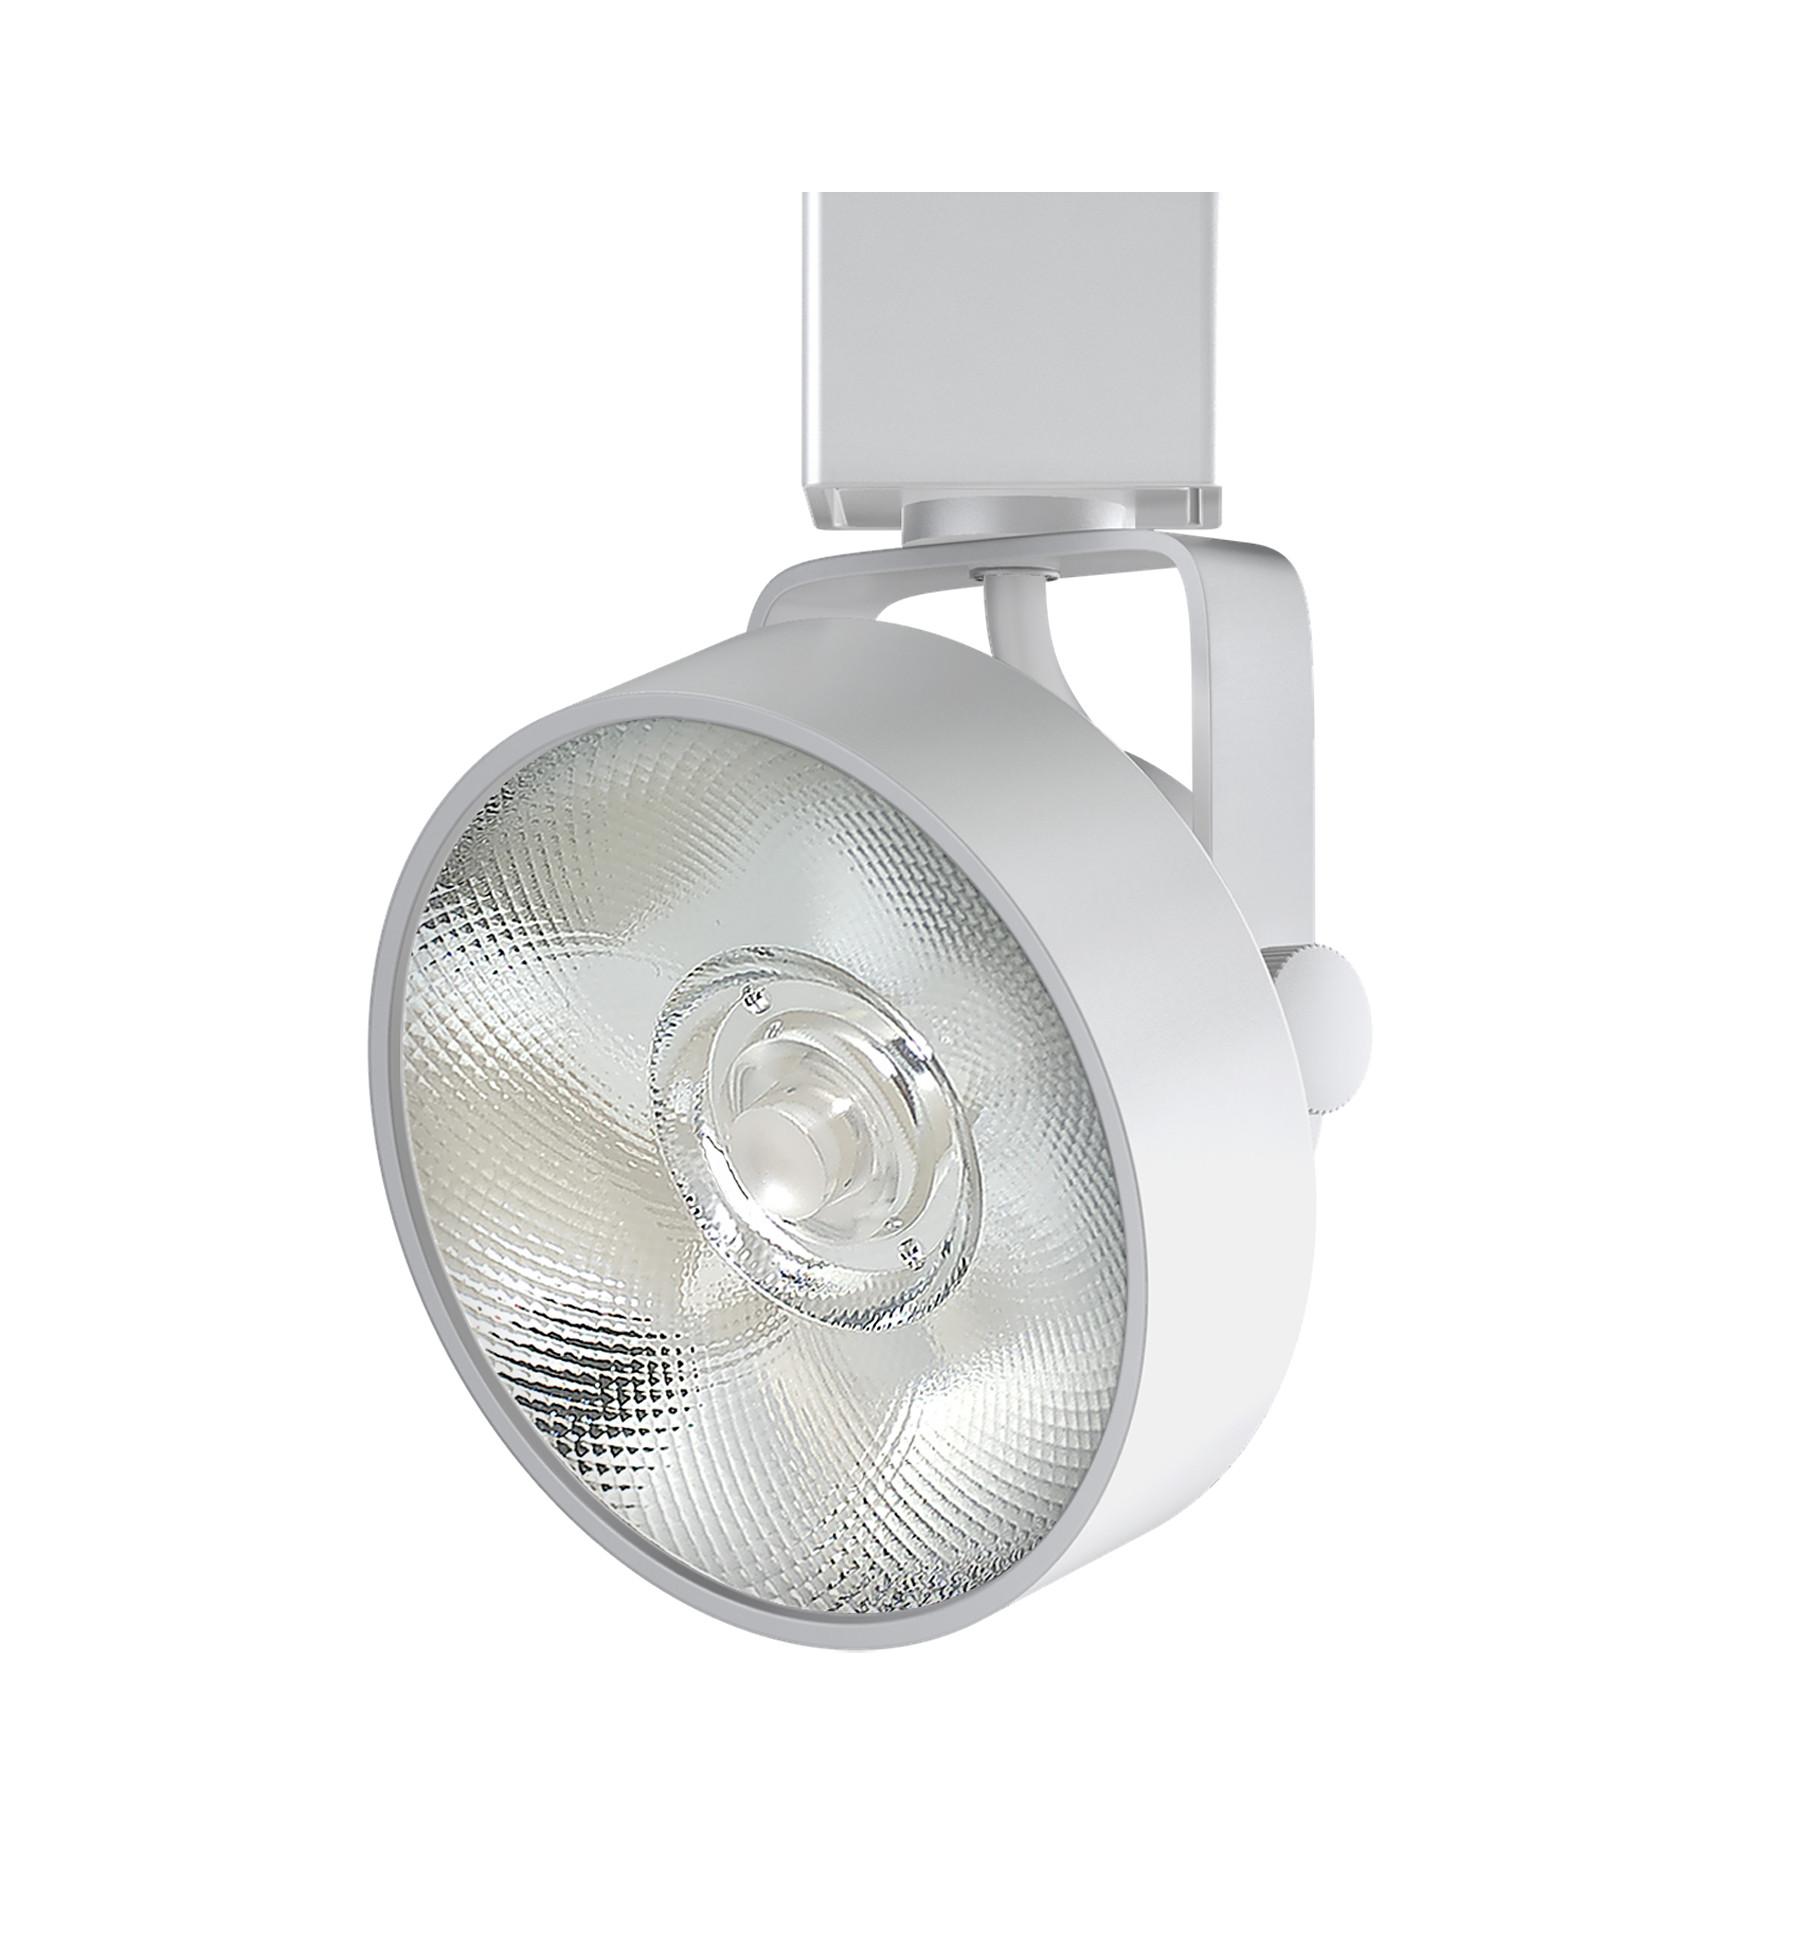 16W 1,200 Lumen Solo II LED